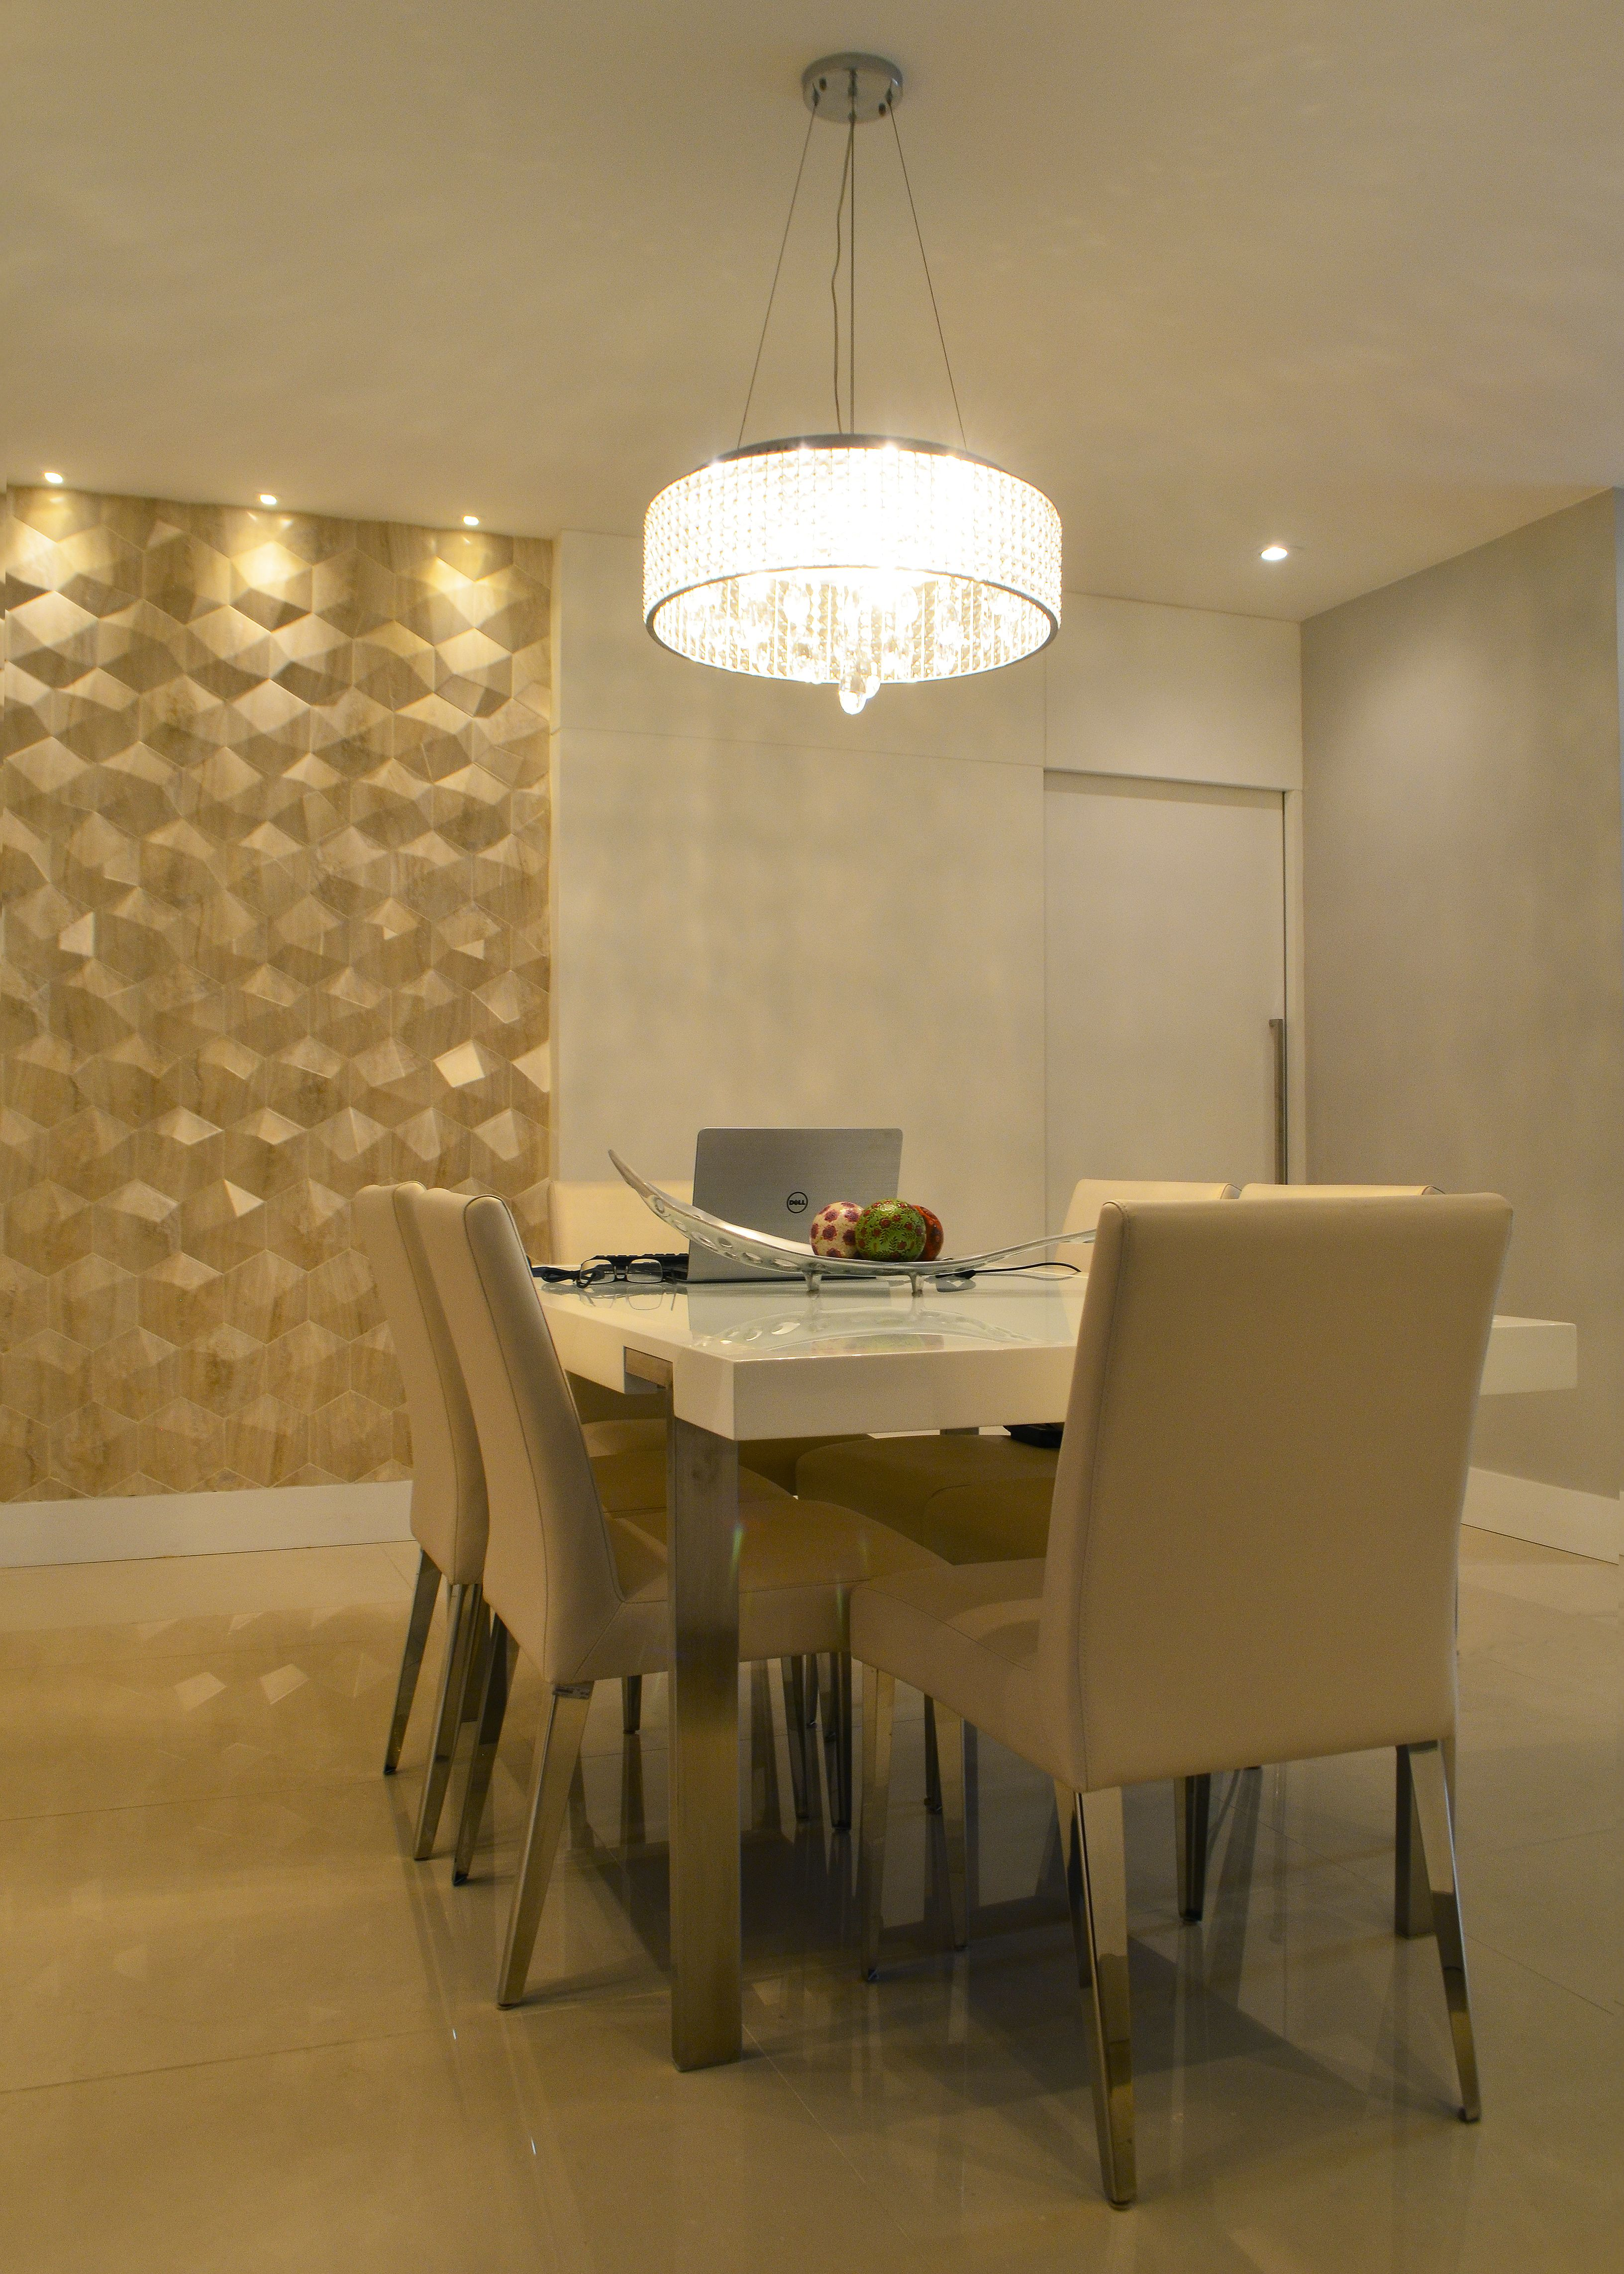 Sala com estilo moderno e contemporâneo, com uso de lustre ...